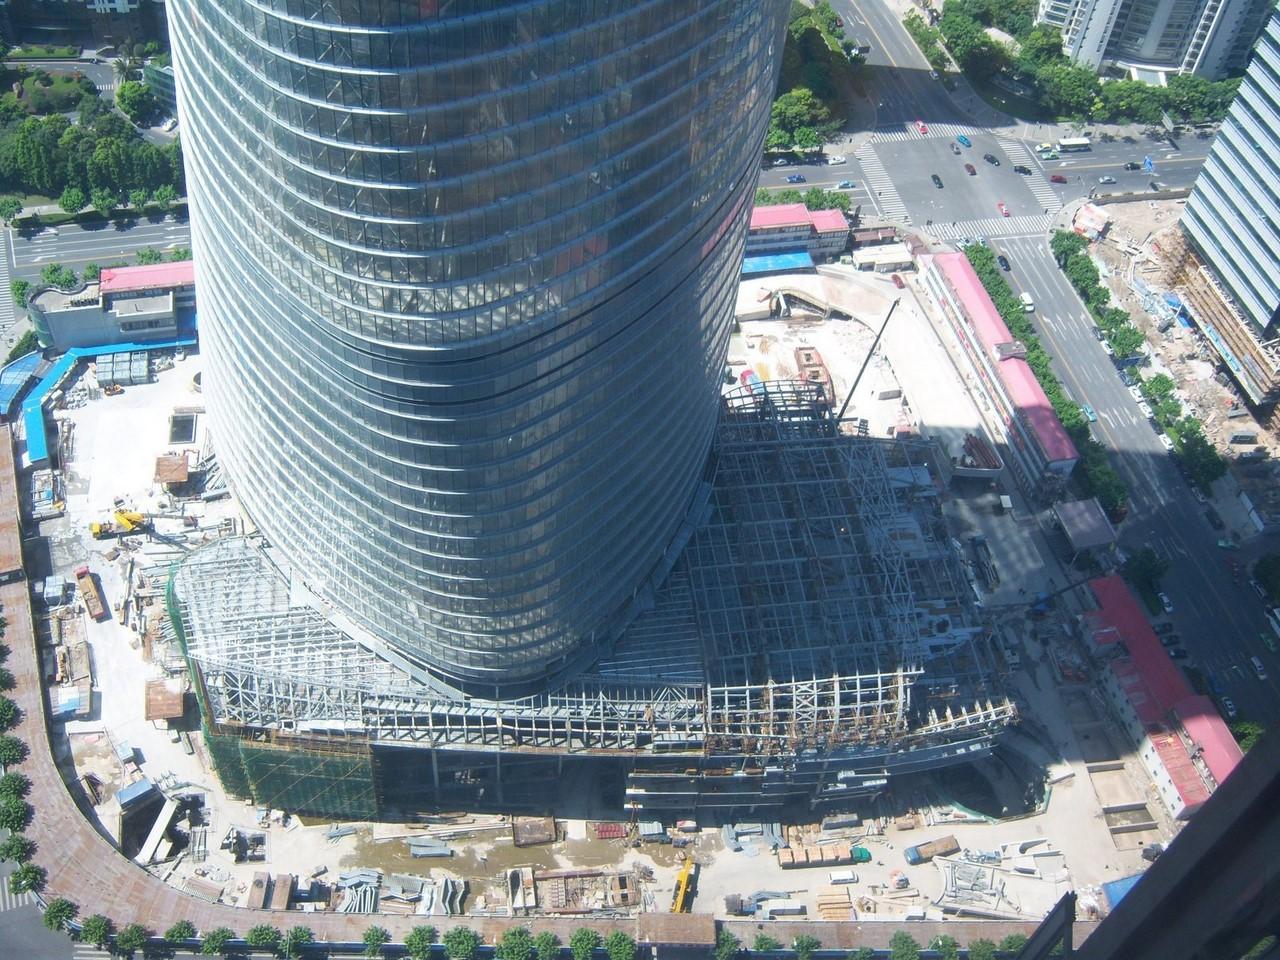 фото основания Шанхайской башни